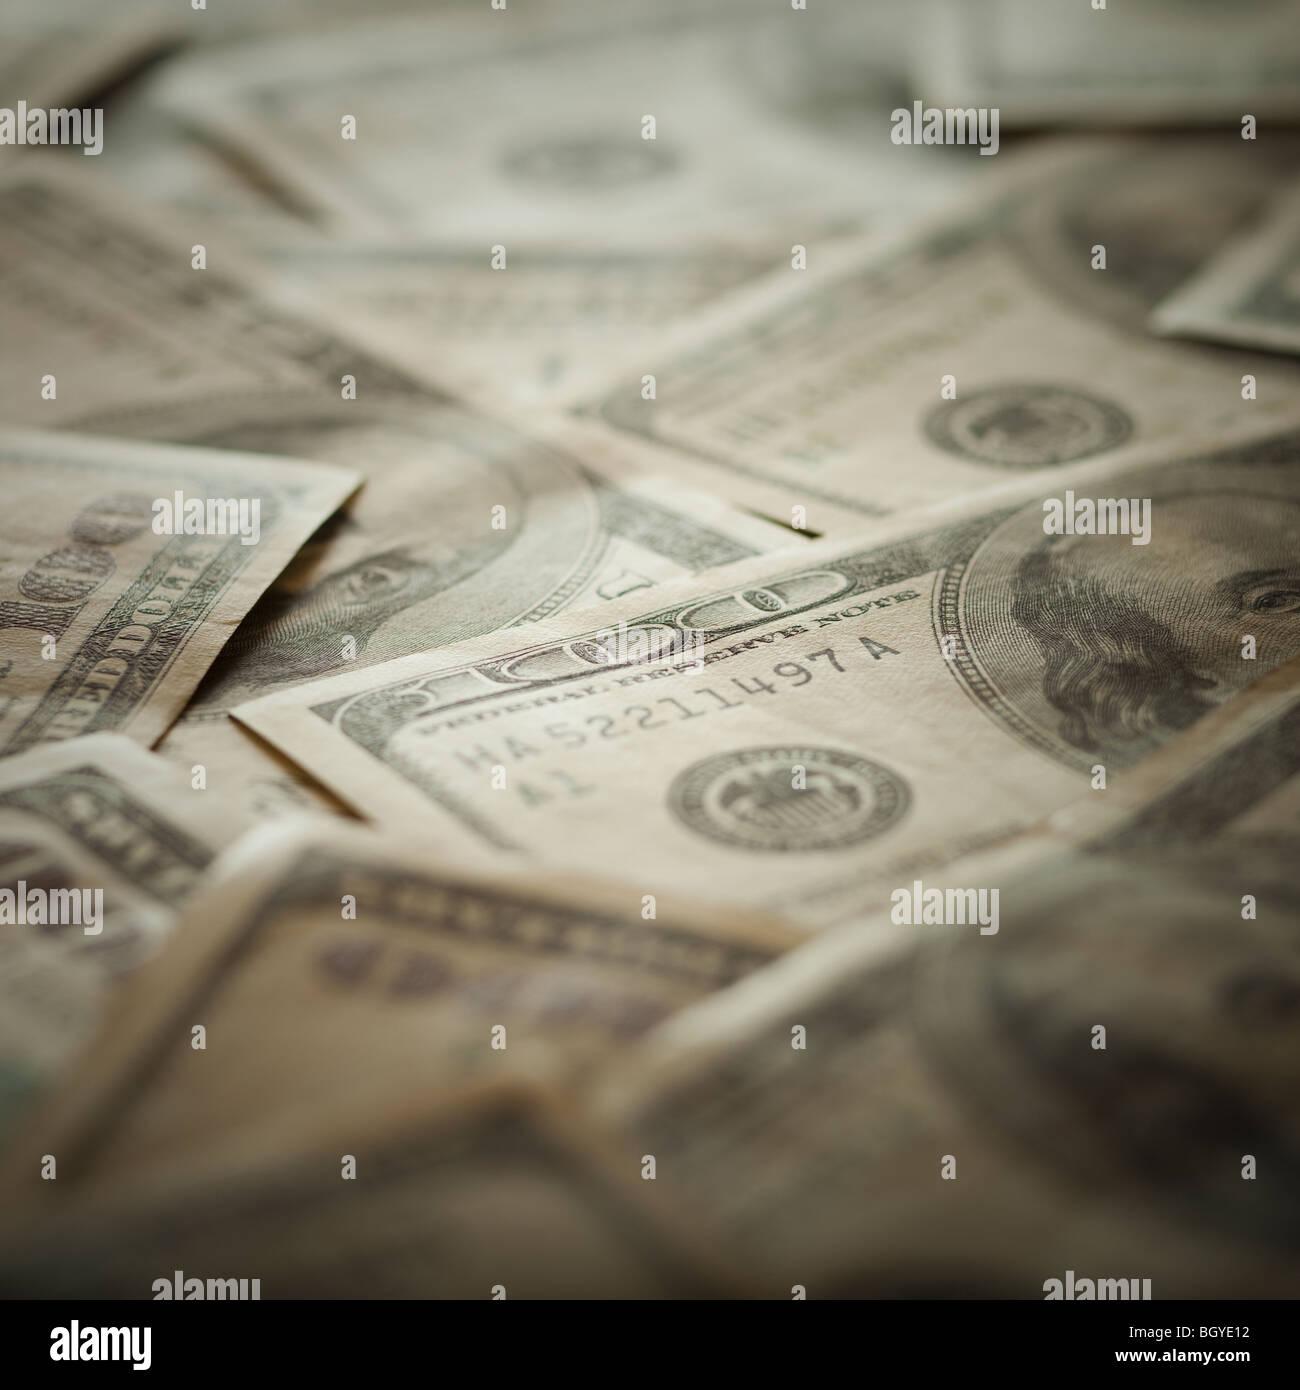 100 dollar bills - Stock Image